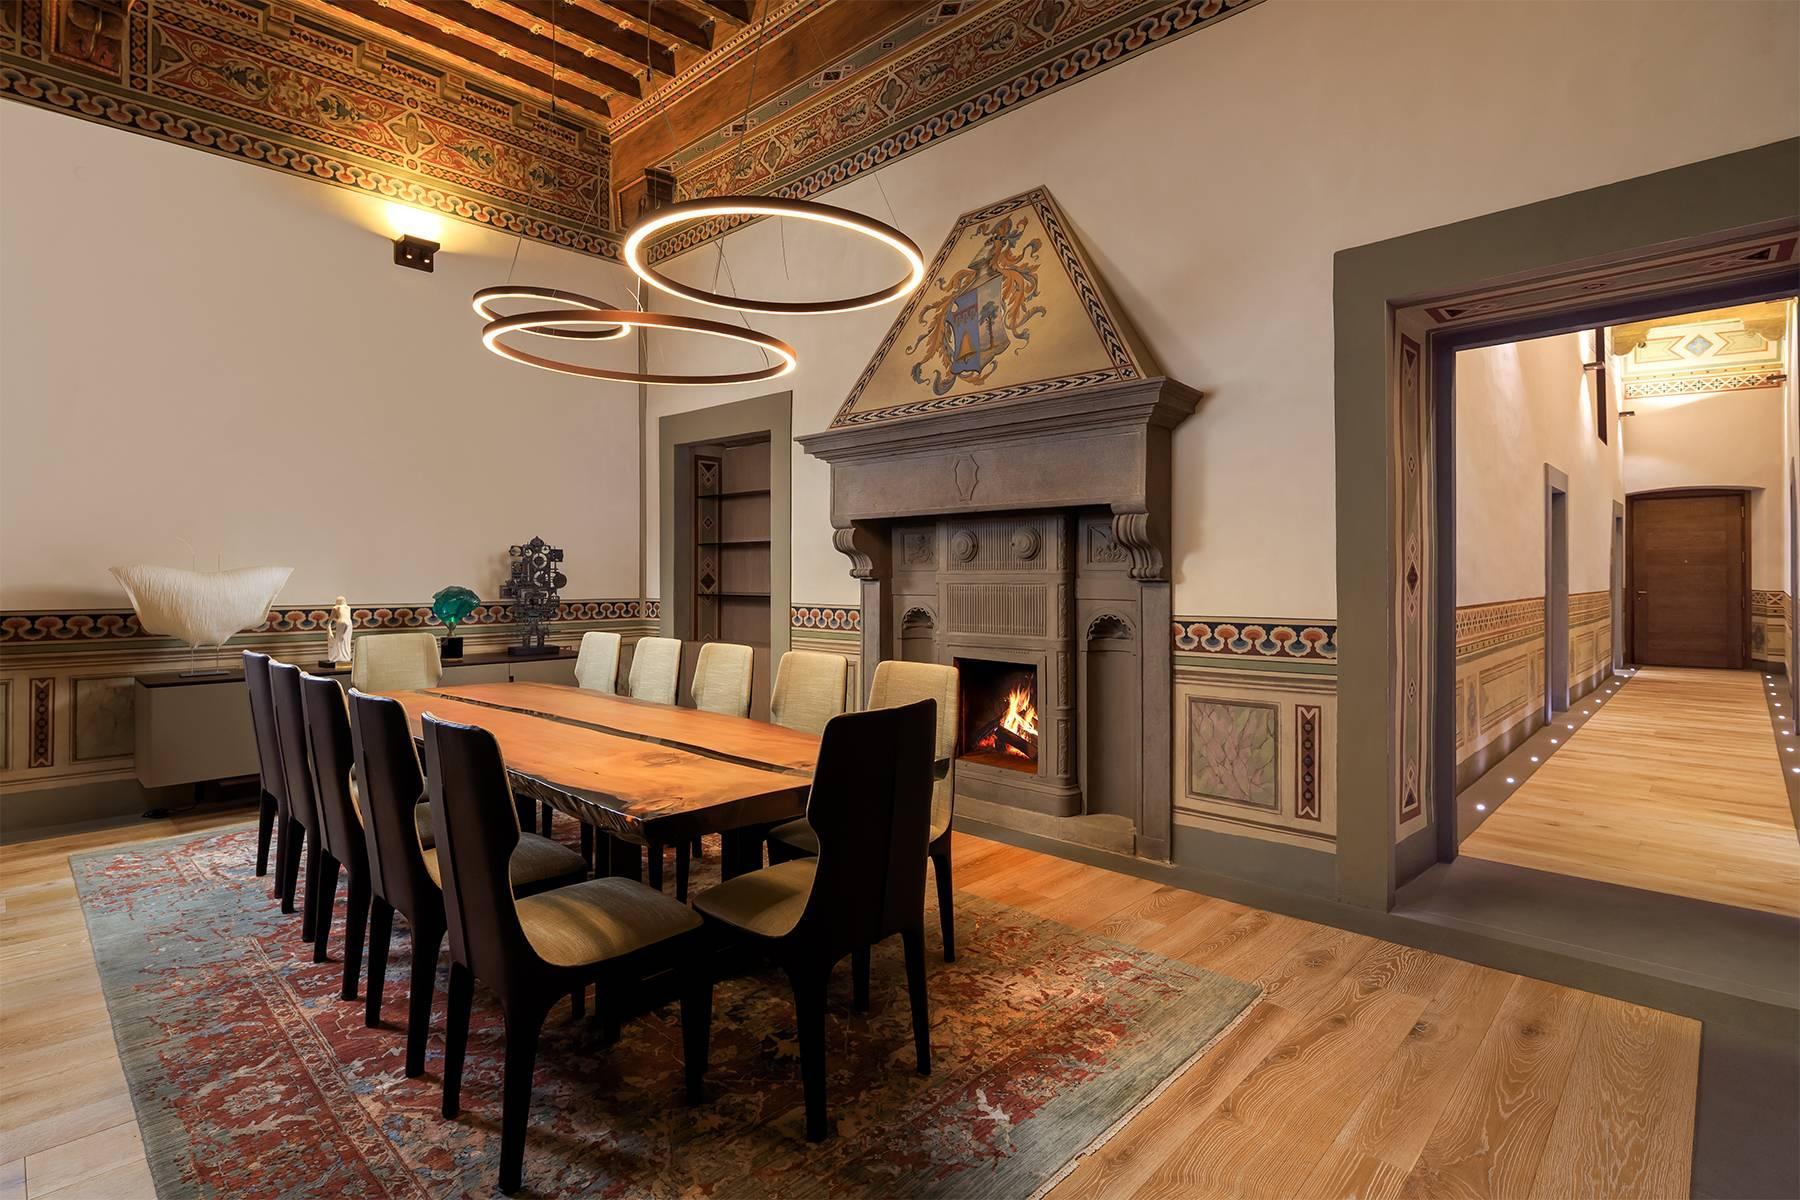 Appartement moderne et contemporain dans Palazzo historique. - 5